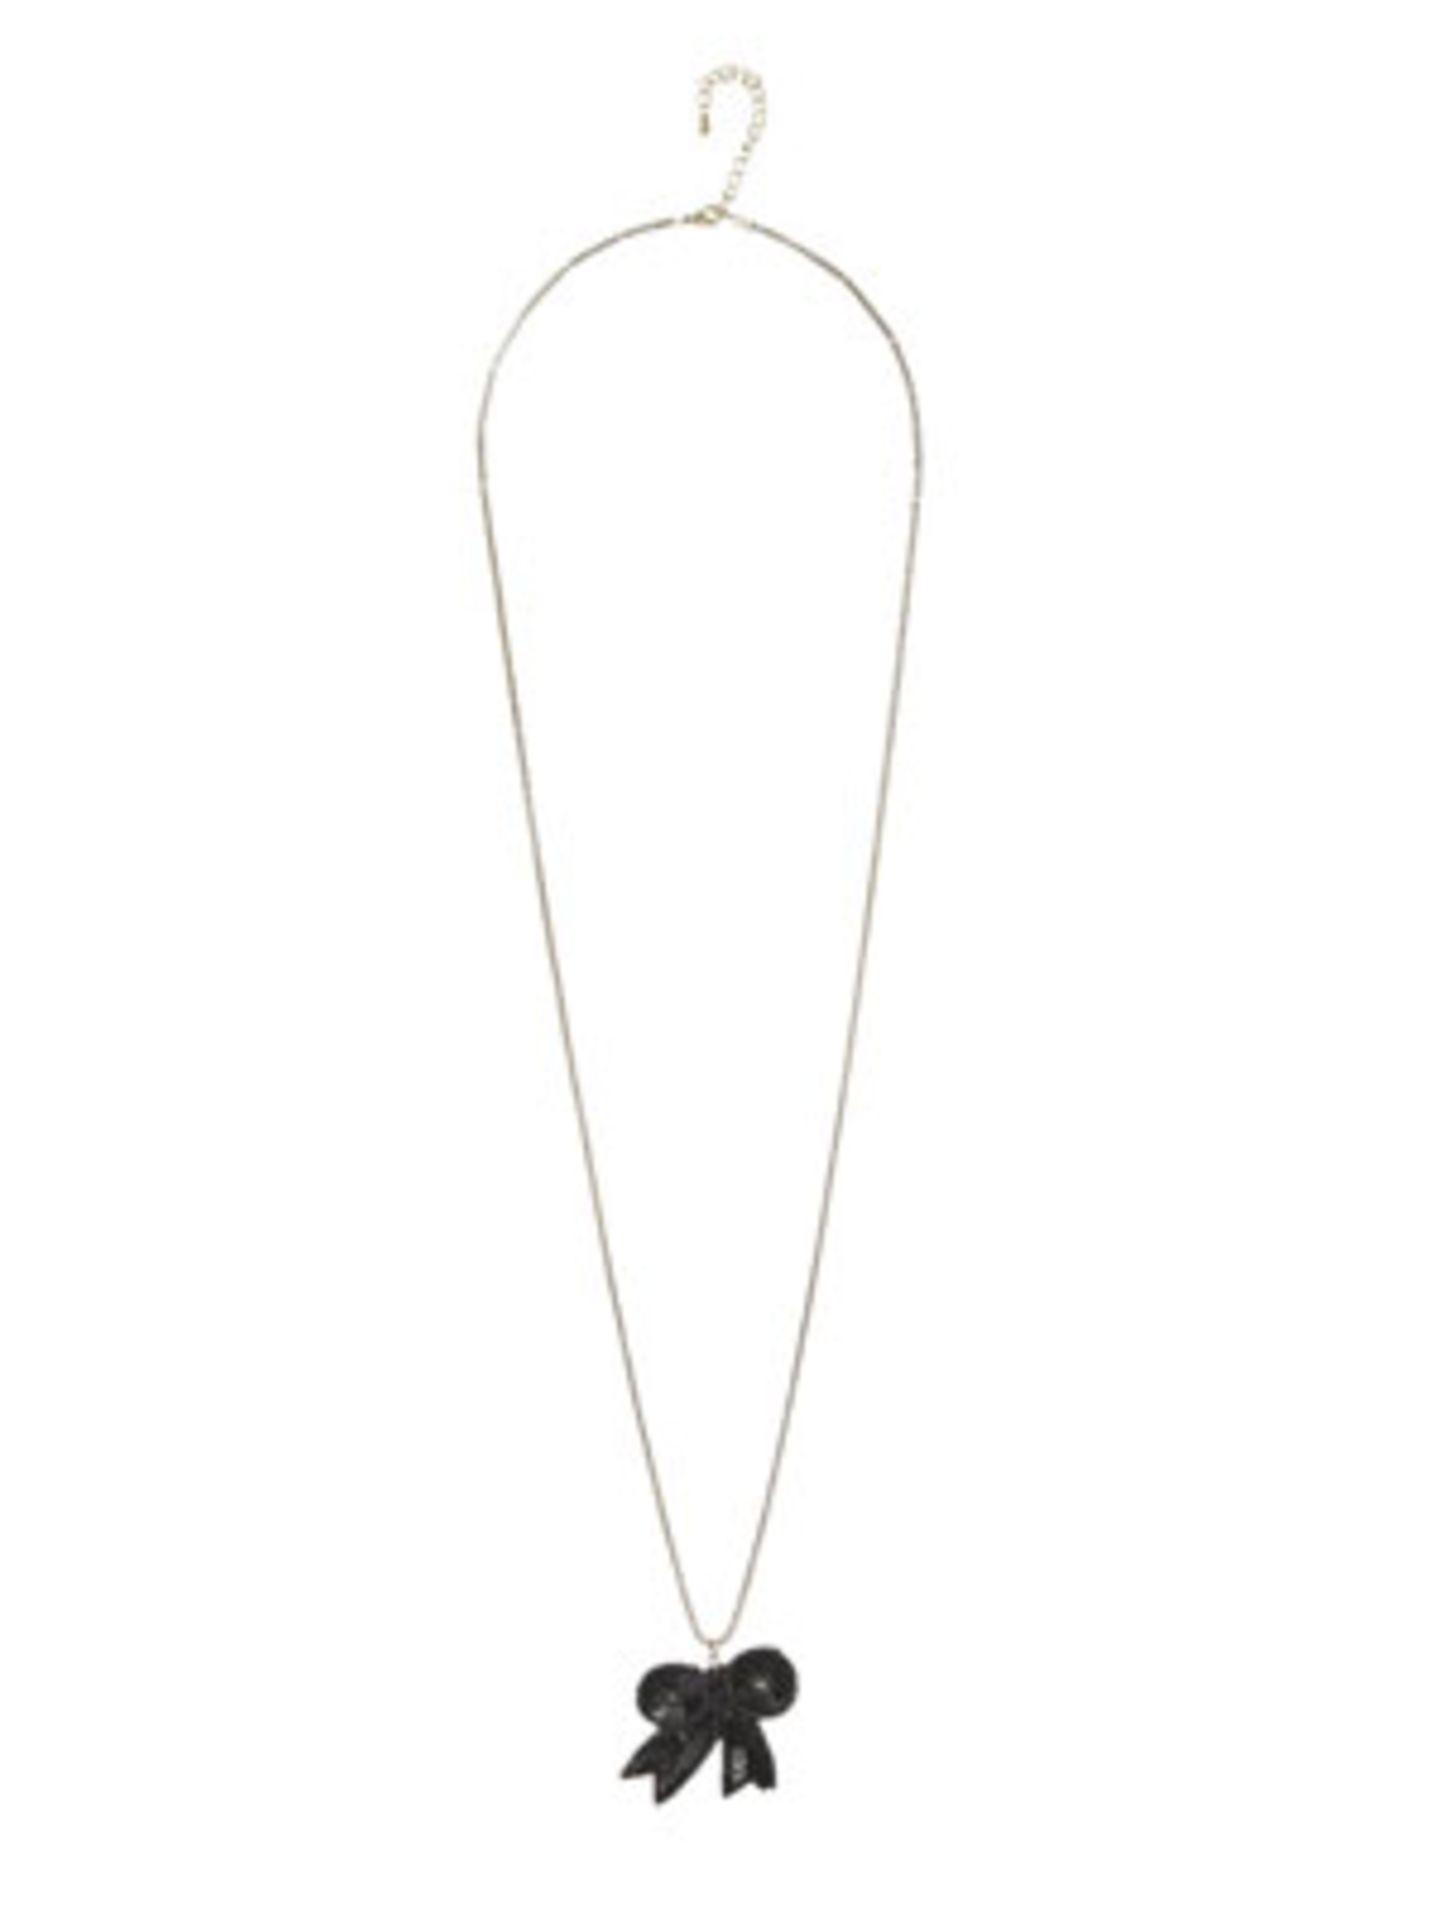 Schlichte lange Silberkette mit kleinem schwarzen Schleifchen von Promod, um 12 Euro. Über www.promod.de.